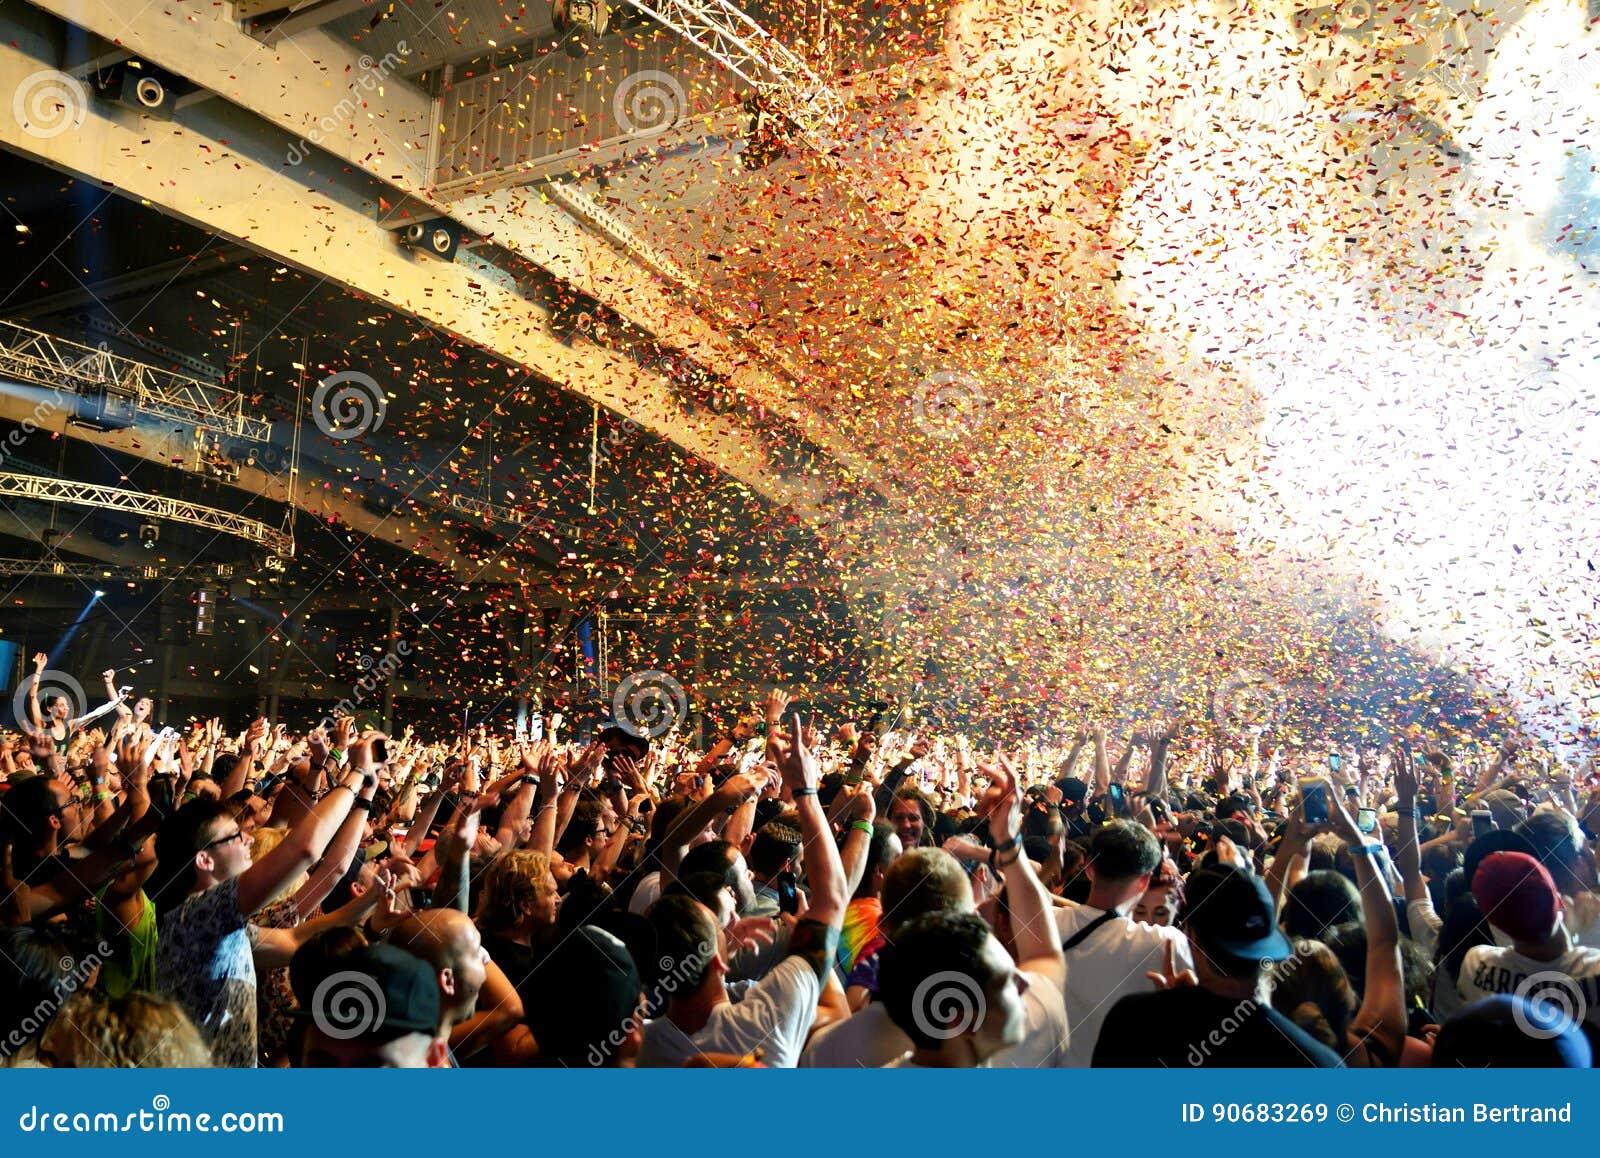 Drängen Sie Tanz in einem Konzert am Sonar-Festival